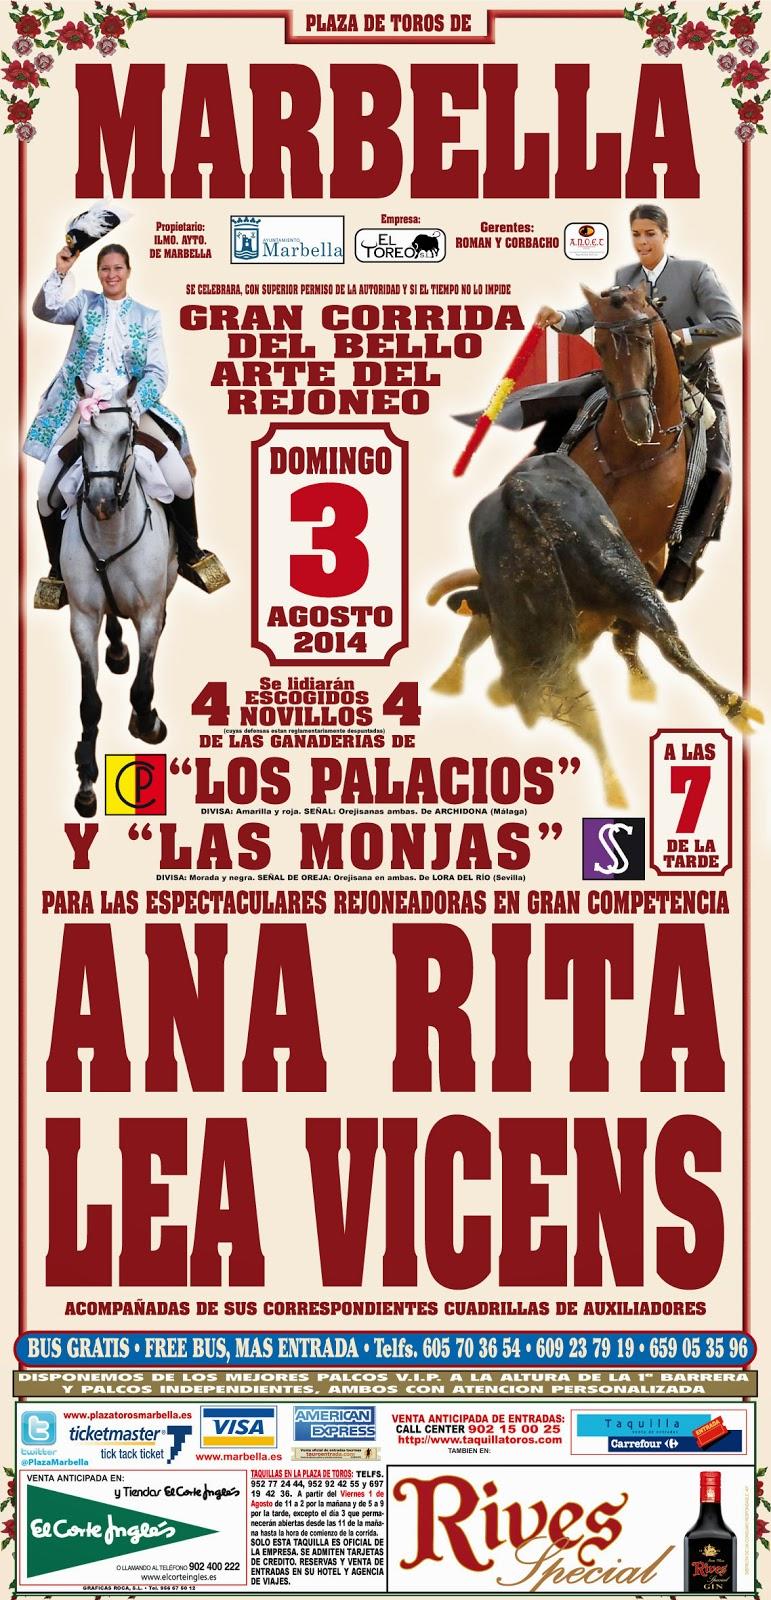 LOS TOROS CON AGUSTÍN HERVÁS.: julio 2014